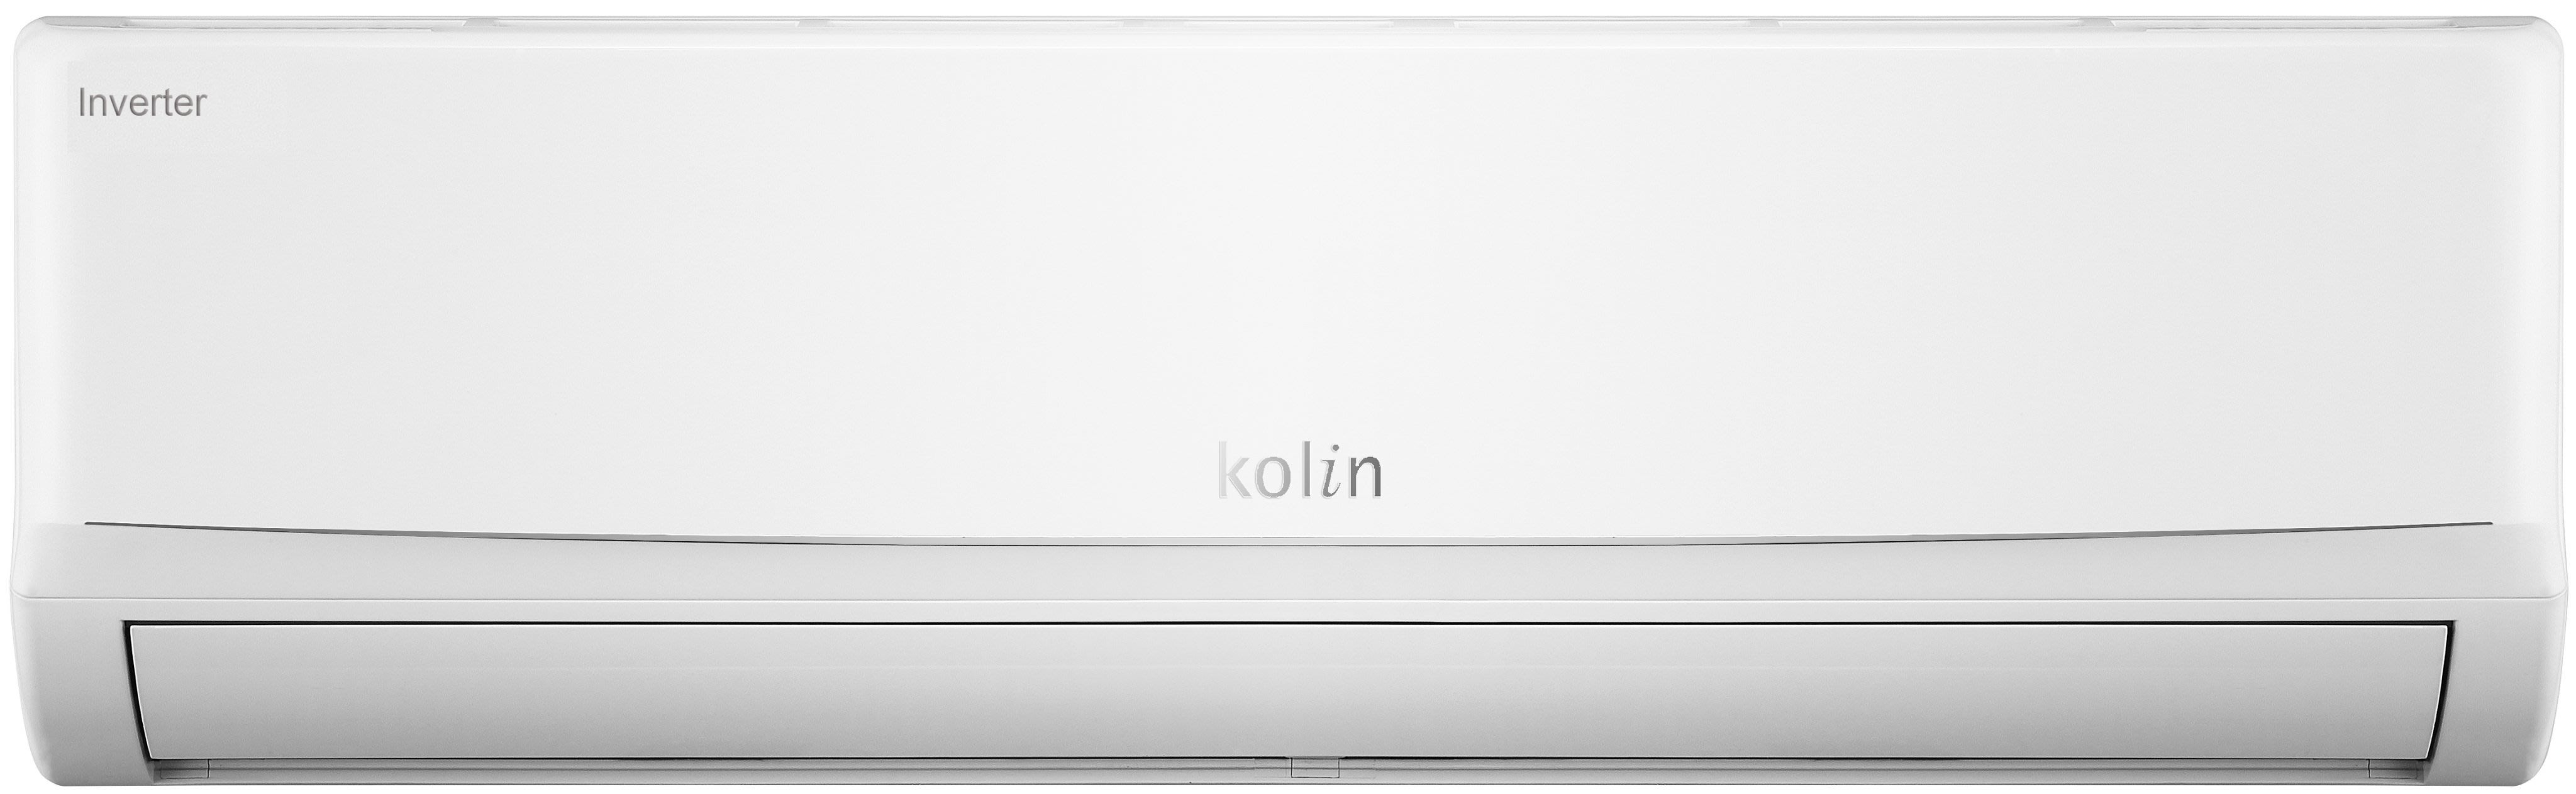 KOLIN歌林 13-14坪 變頻四方 一對一分離式冷暖 冷氣 KDV-80207 / KSA-802DV07